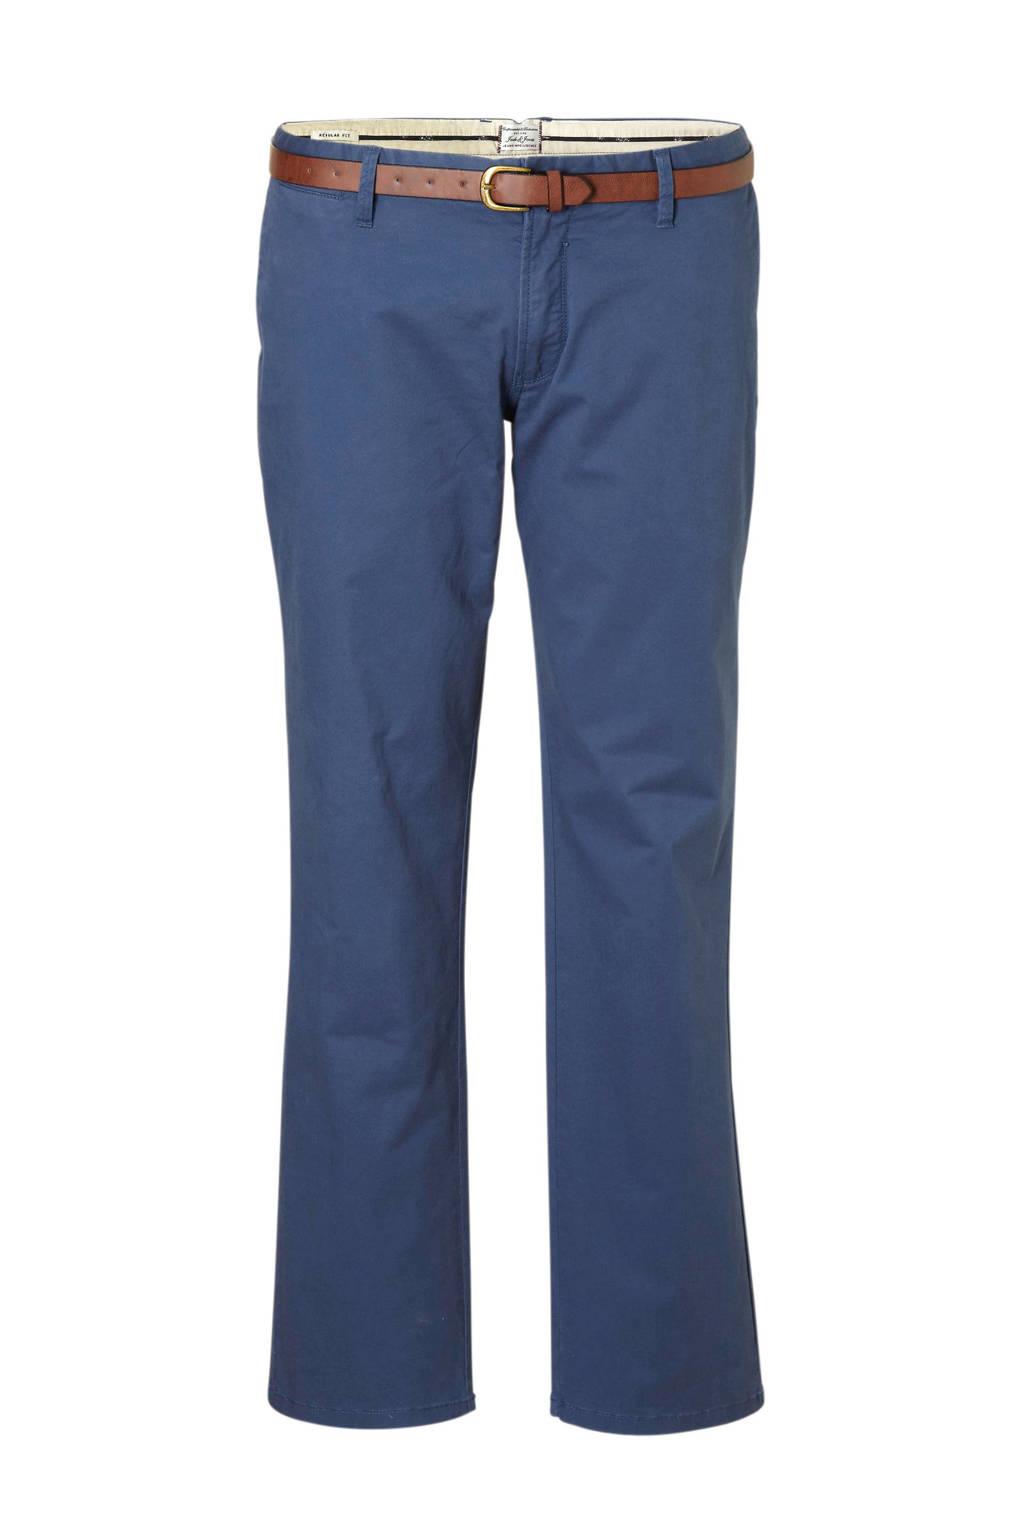 Jack & Jones Plus Size regular fit chino Cody blauw, Blauw